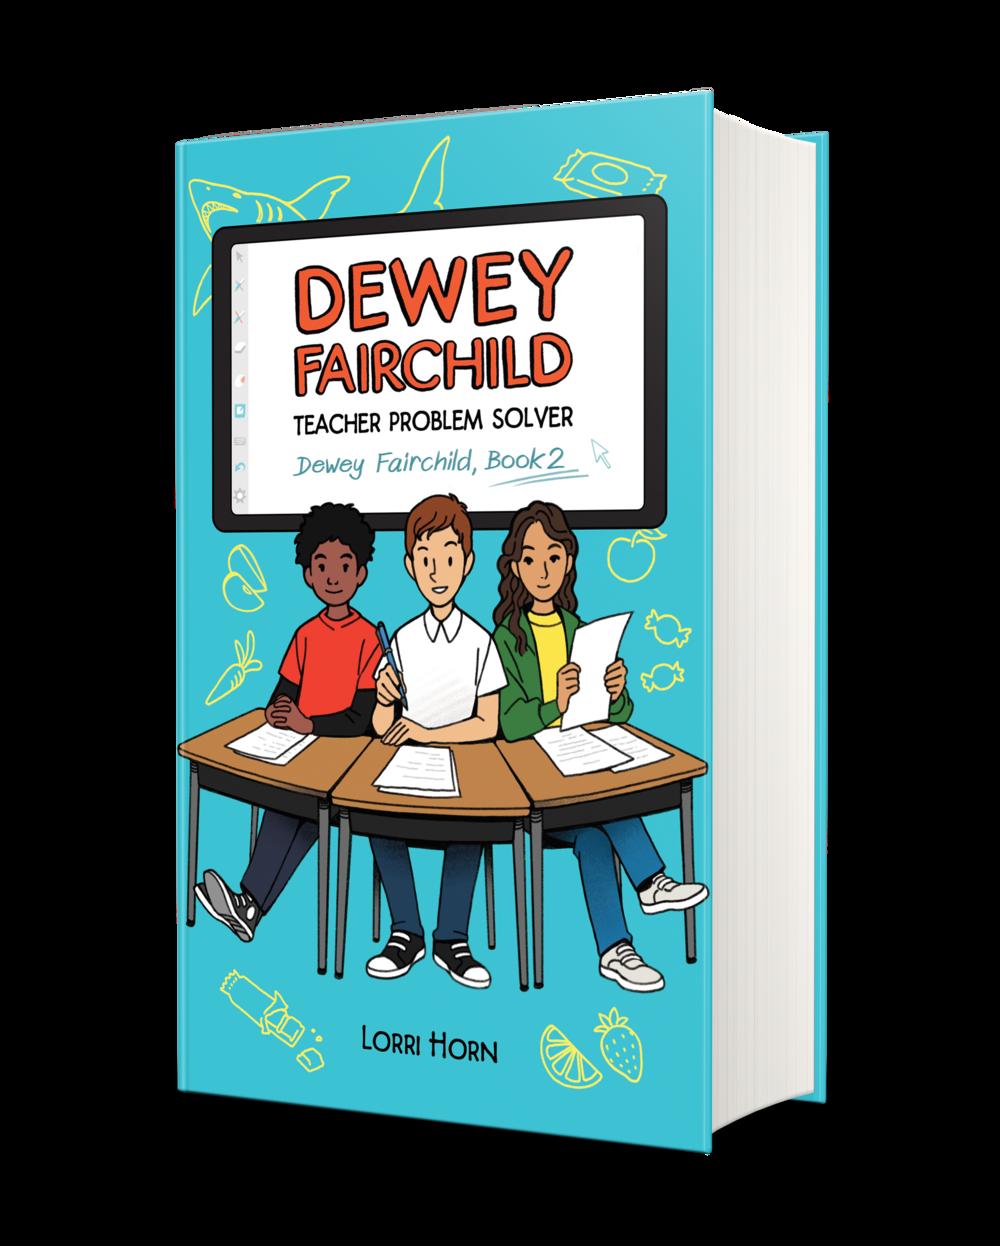 DeweyFairchildTeacher